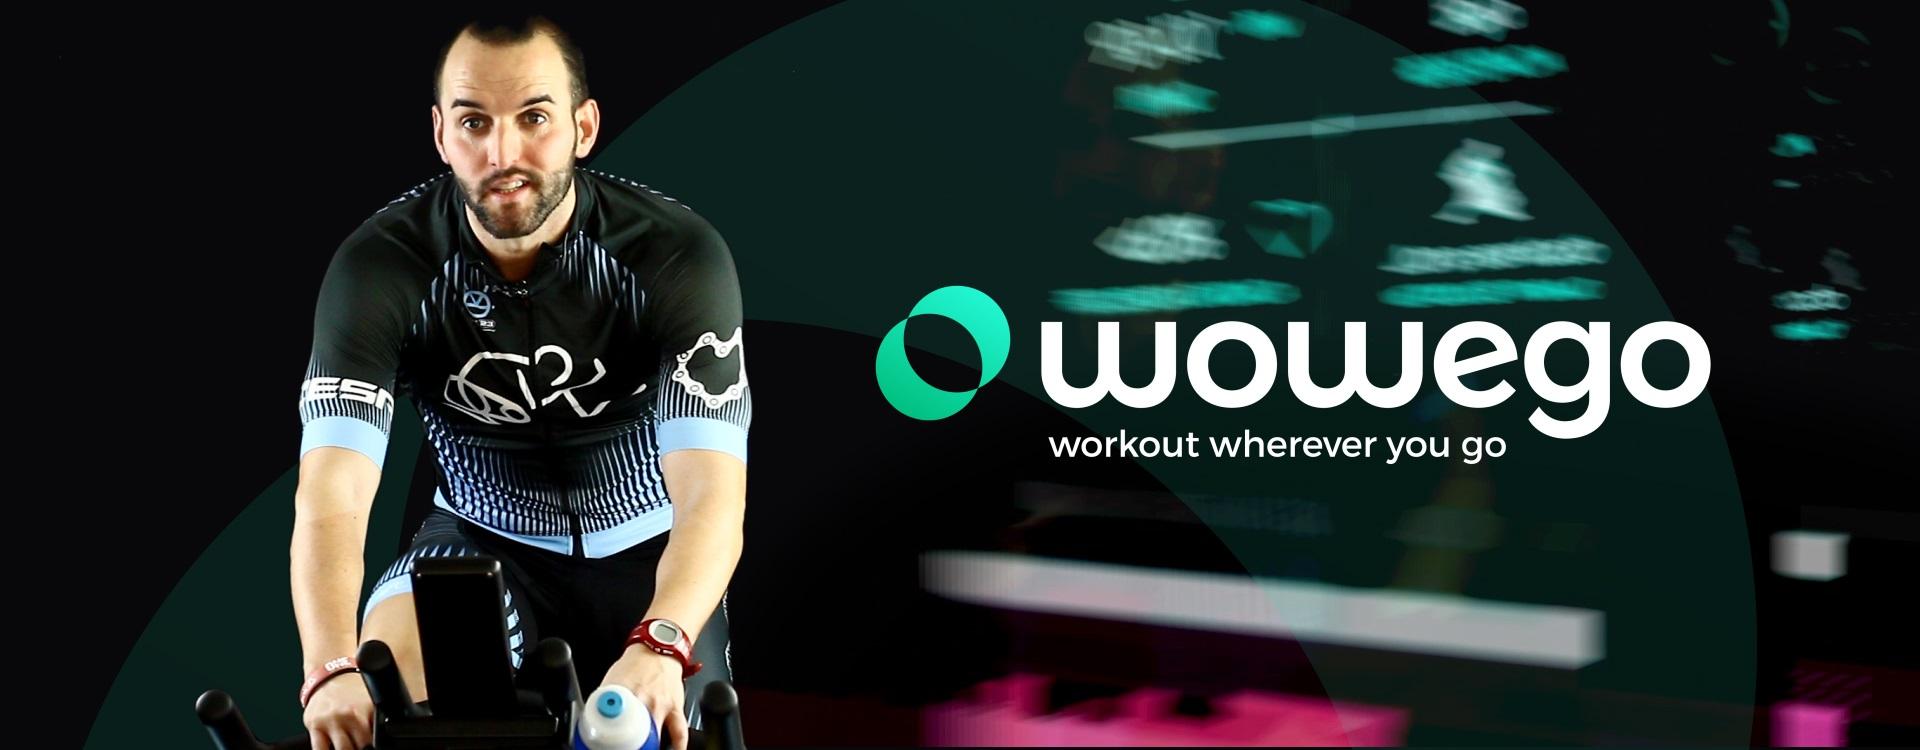 Video promo para clases virtuales de ciclo Wowego (workout wherever you go) - Fitness app